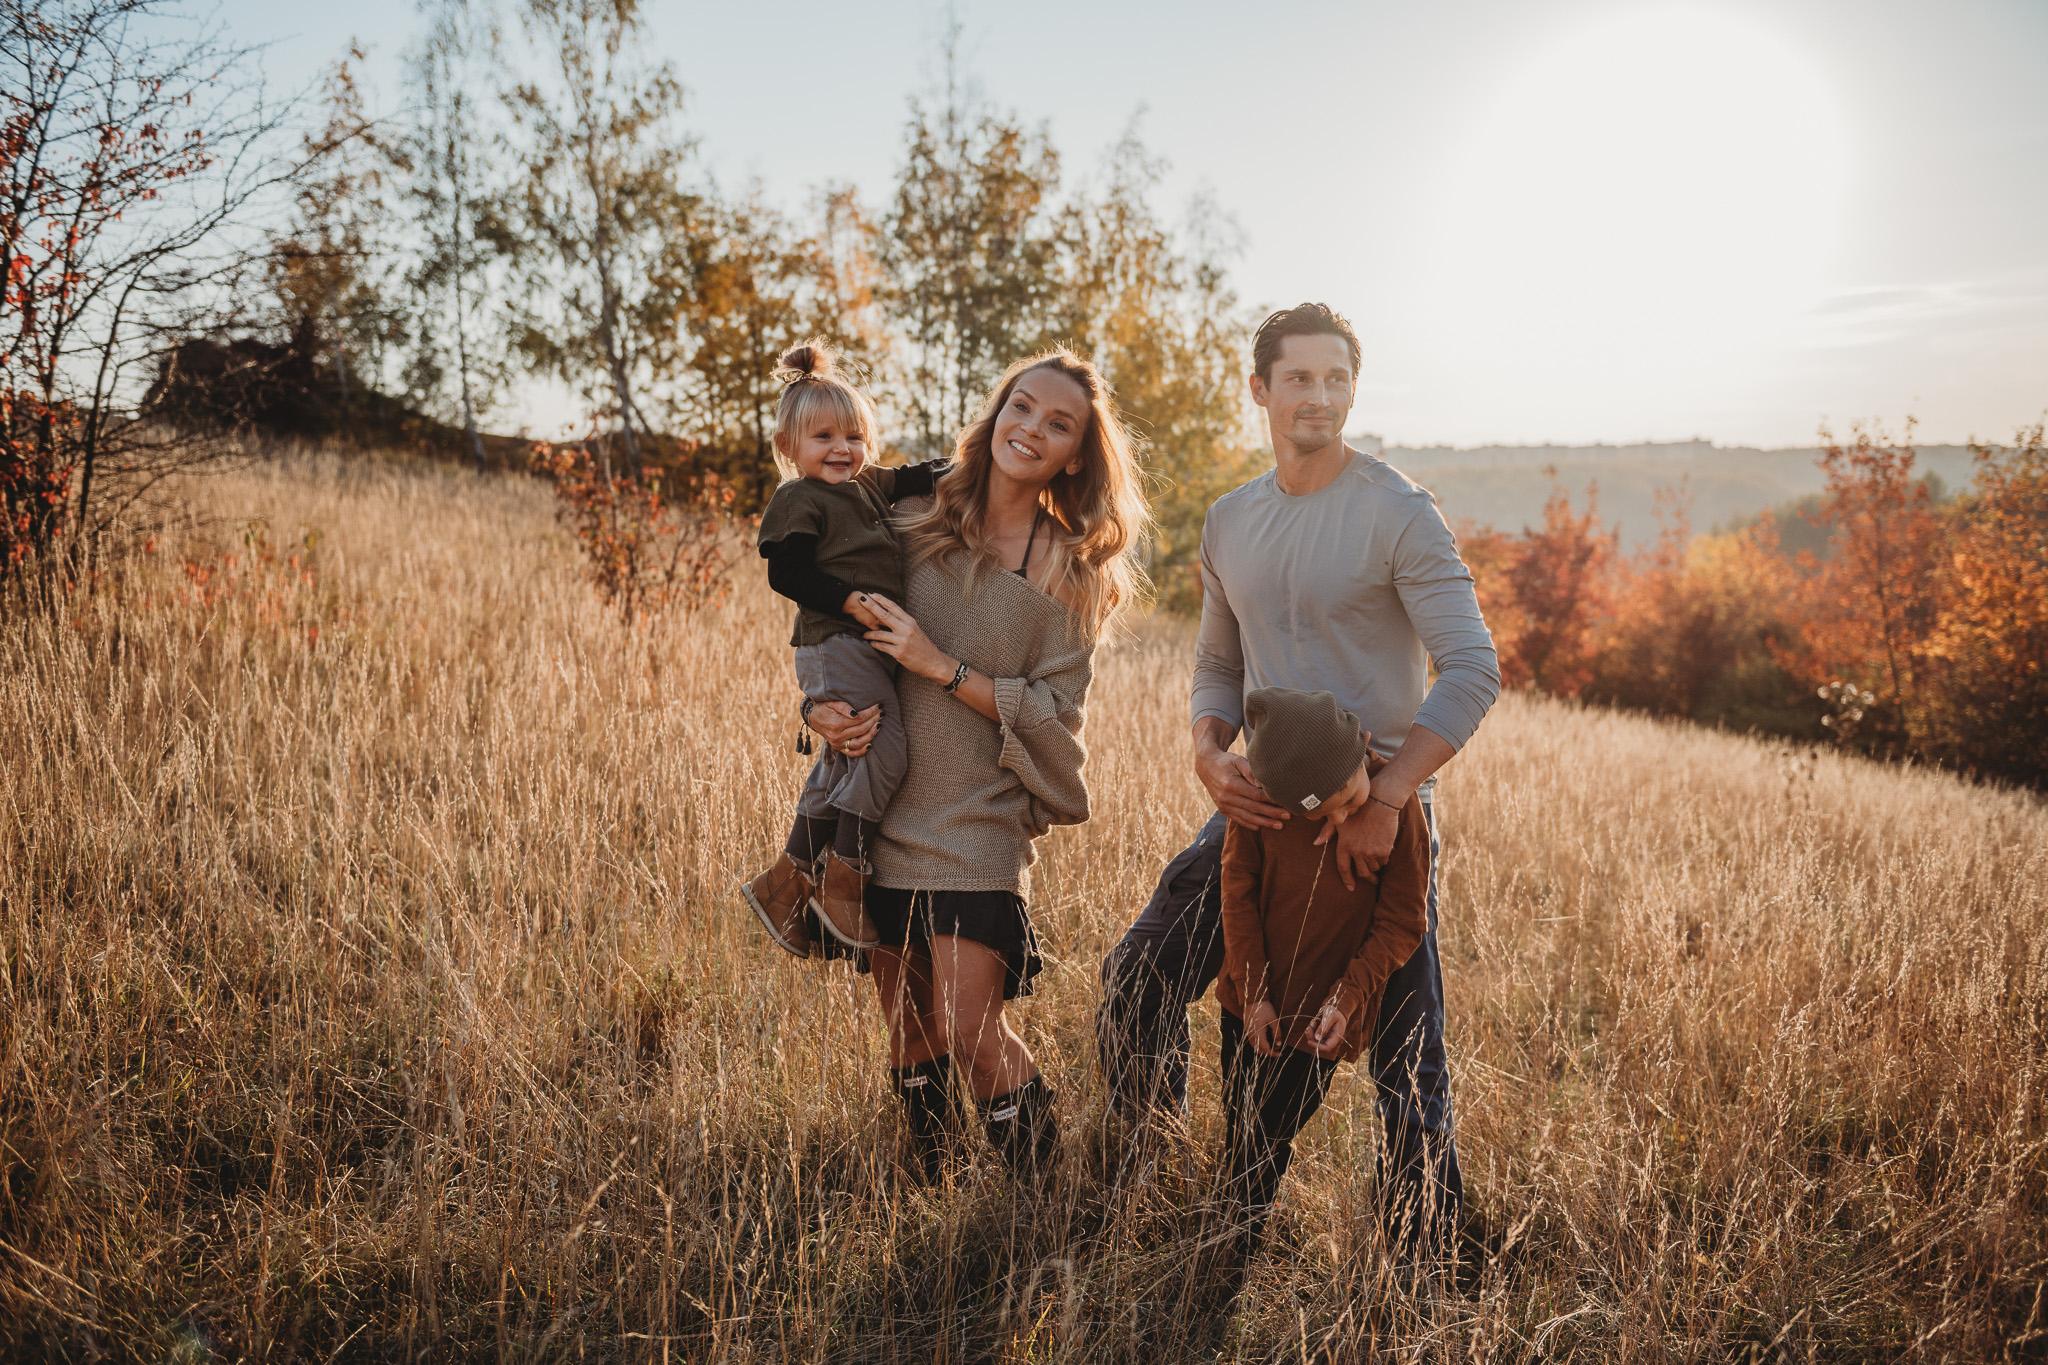 Rodinný fotograf Praha/Prokopské údolí  Překrásné podzimní rodinné focení